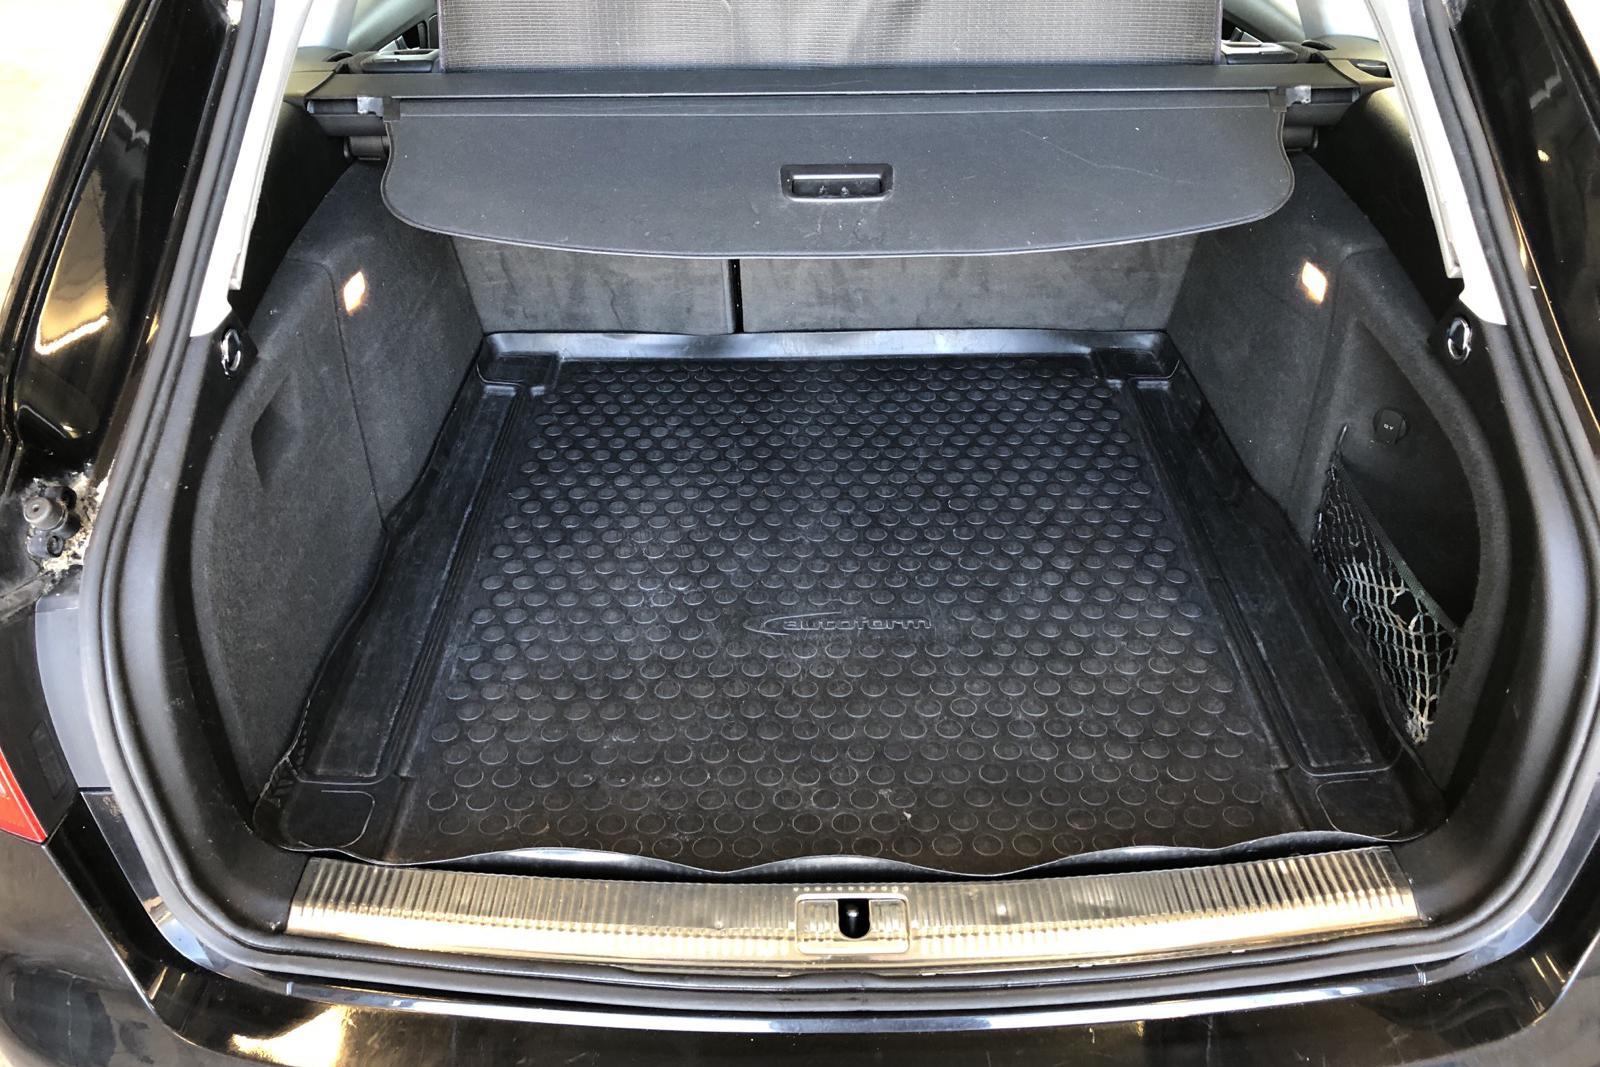 Audi A4 2.0 TDI Avant (143hk) - 19 045 mil - Manuell - svart - 2010